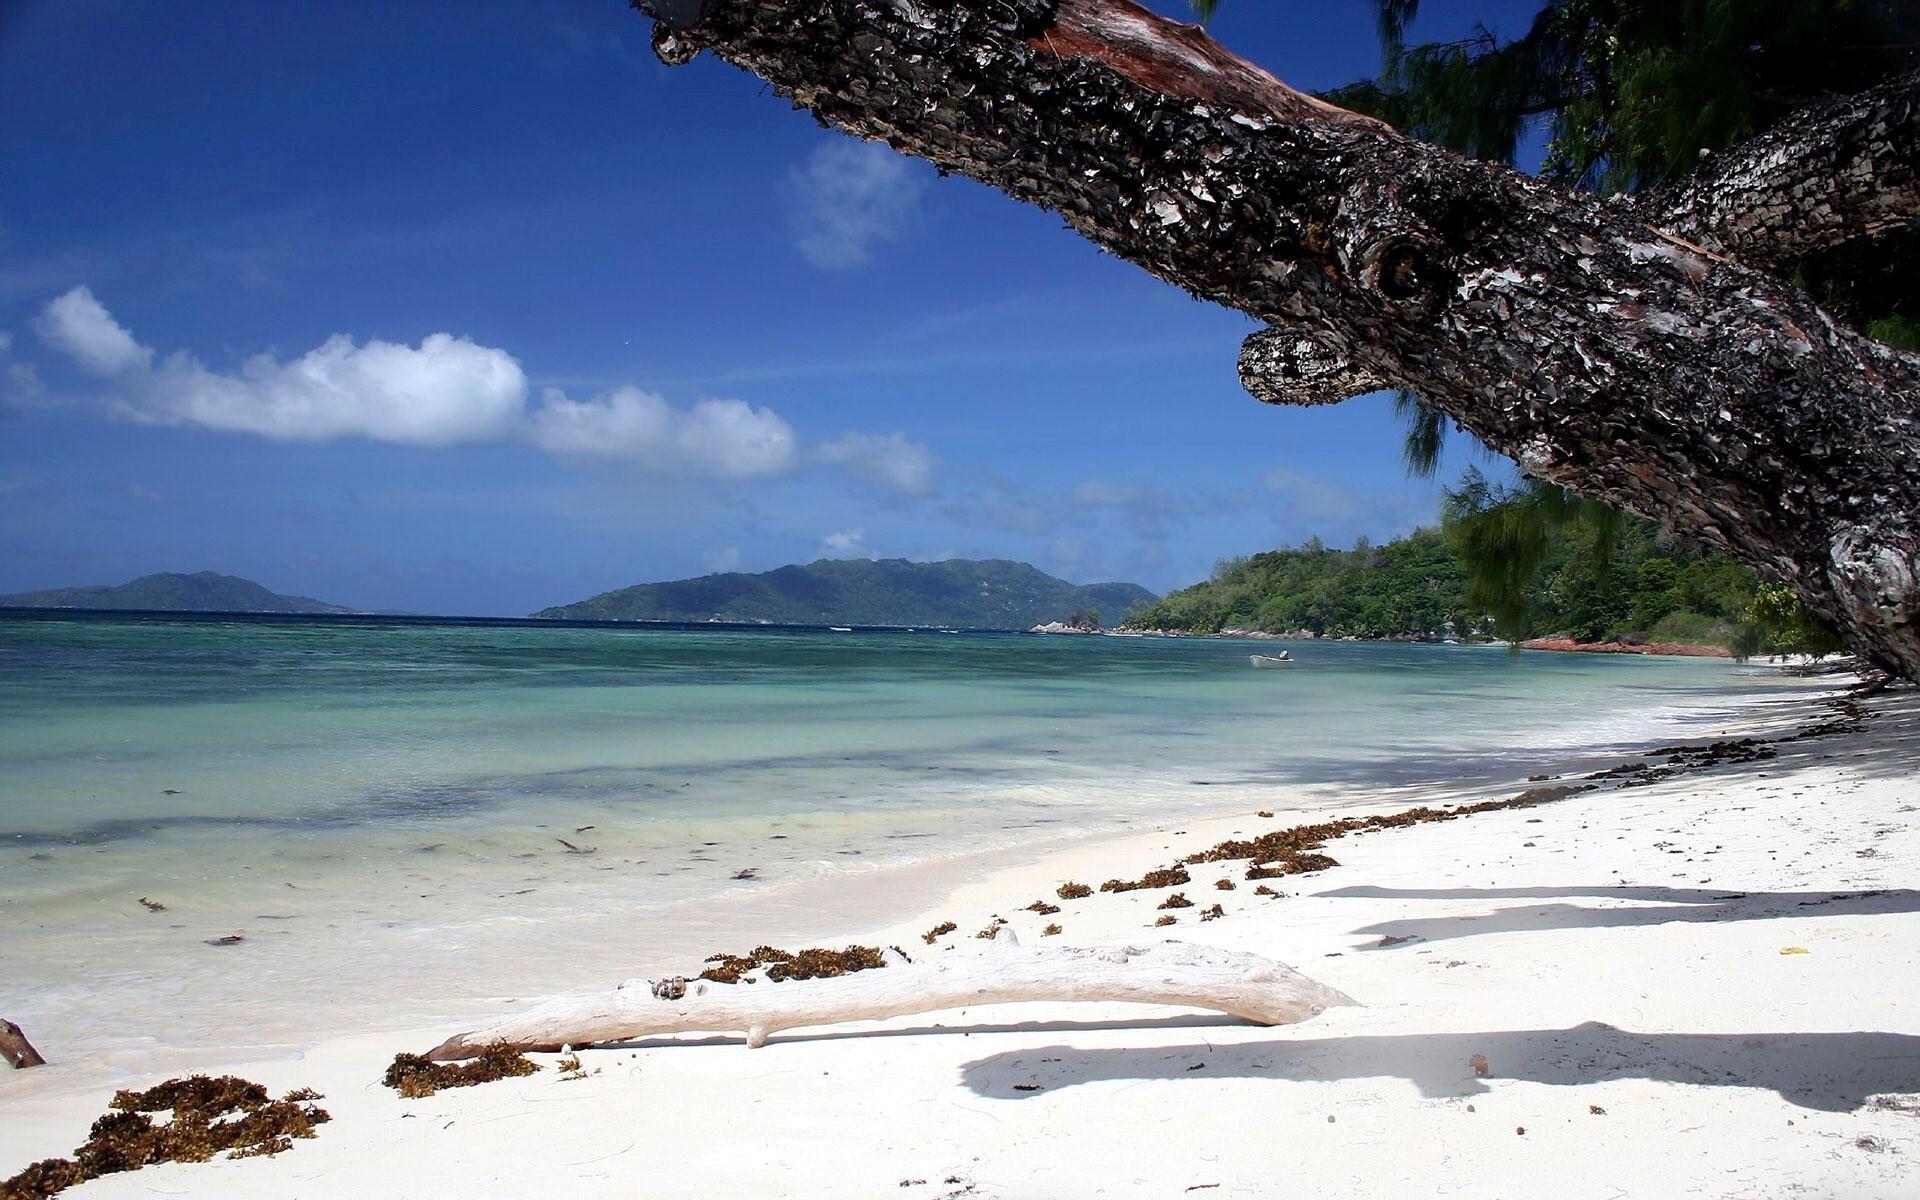 Beach Wallpaper: Best Beautiful Beaches Wallpaper